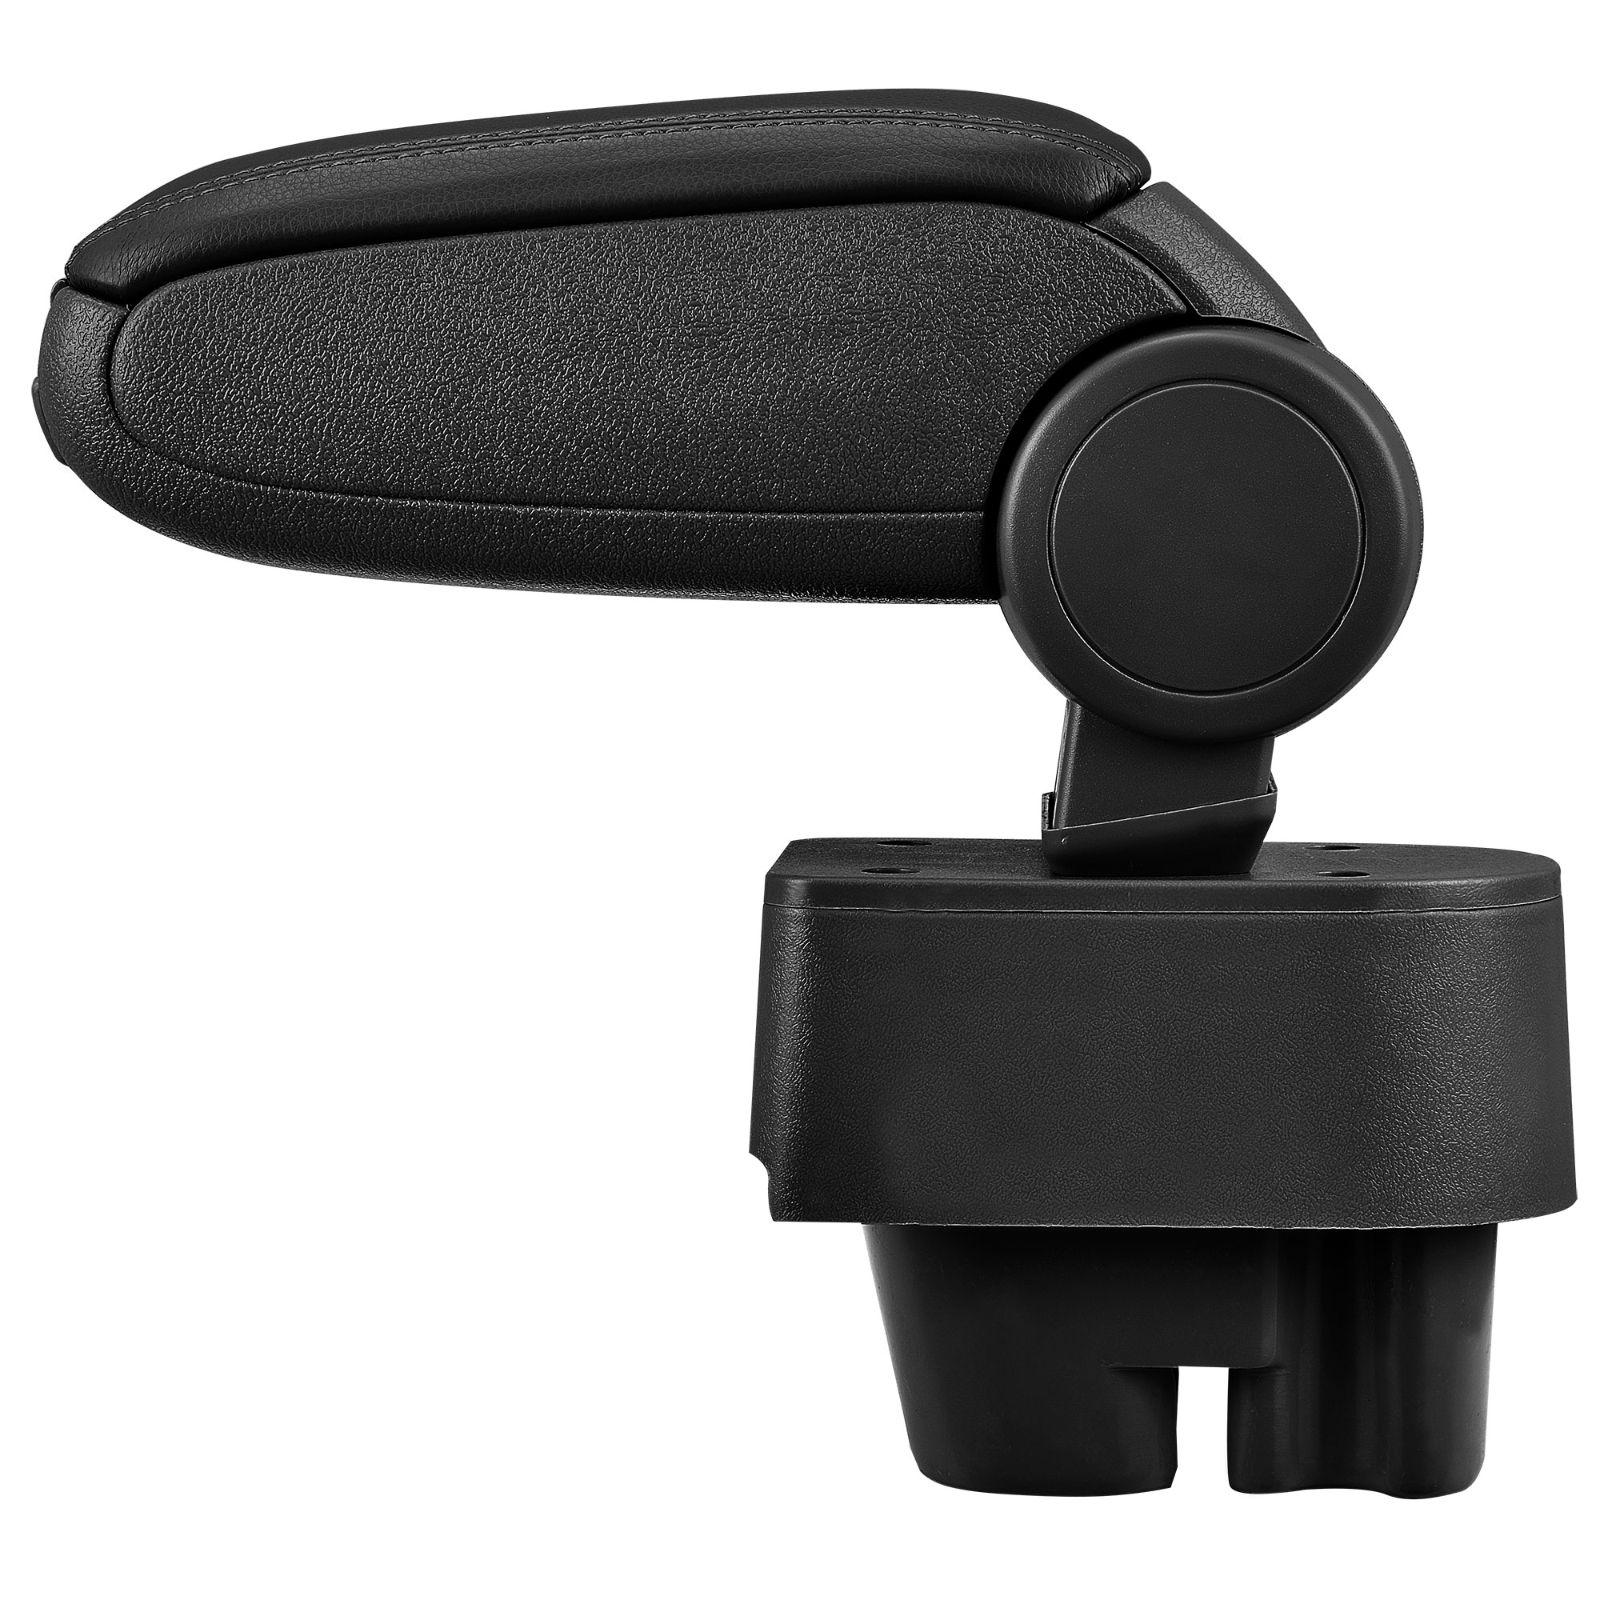 accoudoir neuf peugeot 207 207 cc 207 sw cuir noir. Black Bedroom Furniture Sets. Home Design Ideas